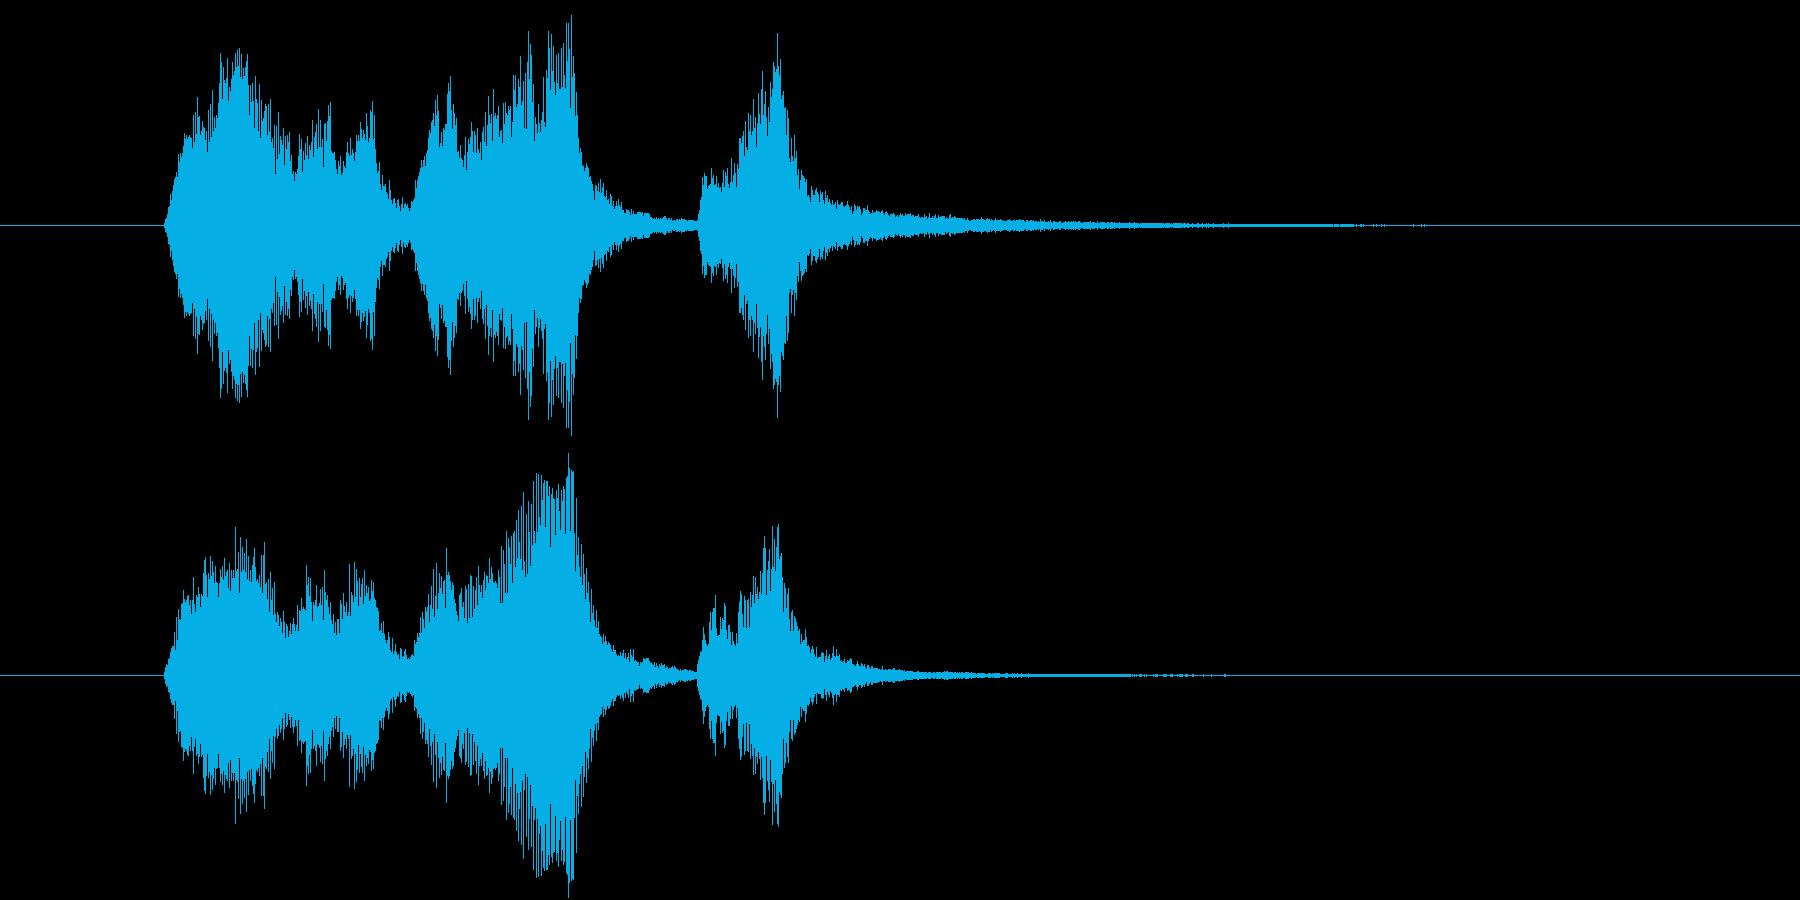 ストリングスの明るいジングルの再生済みの波形